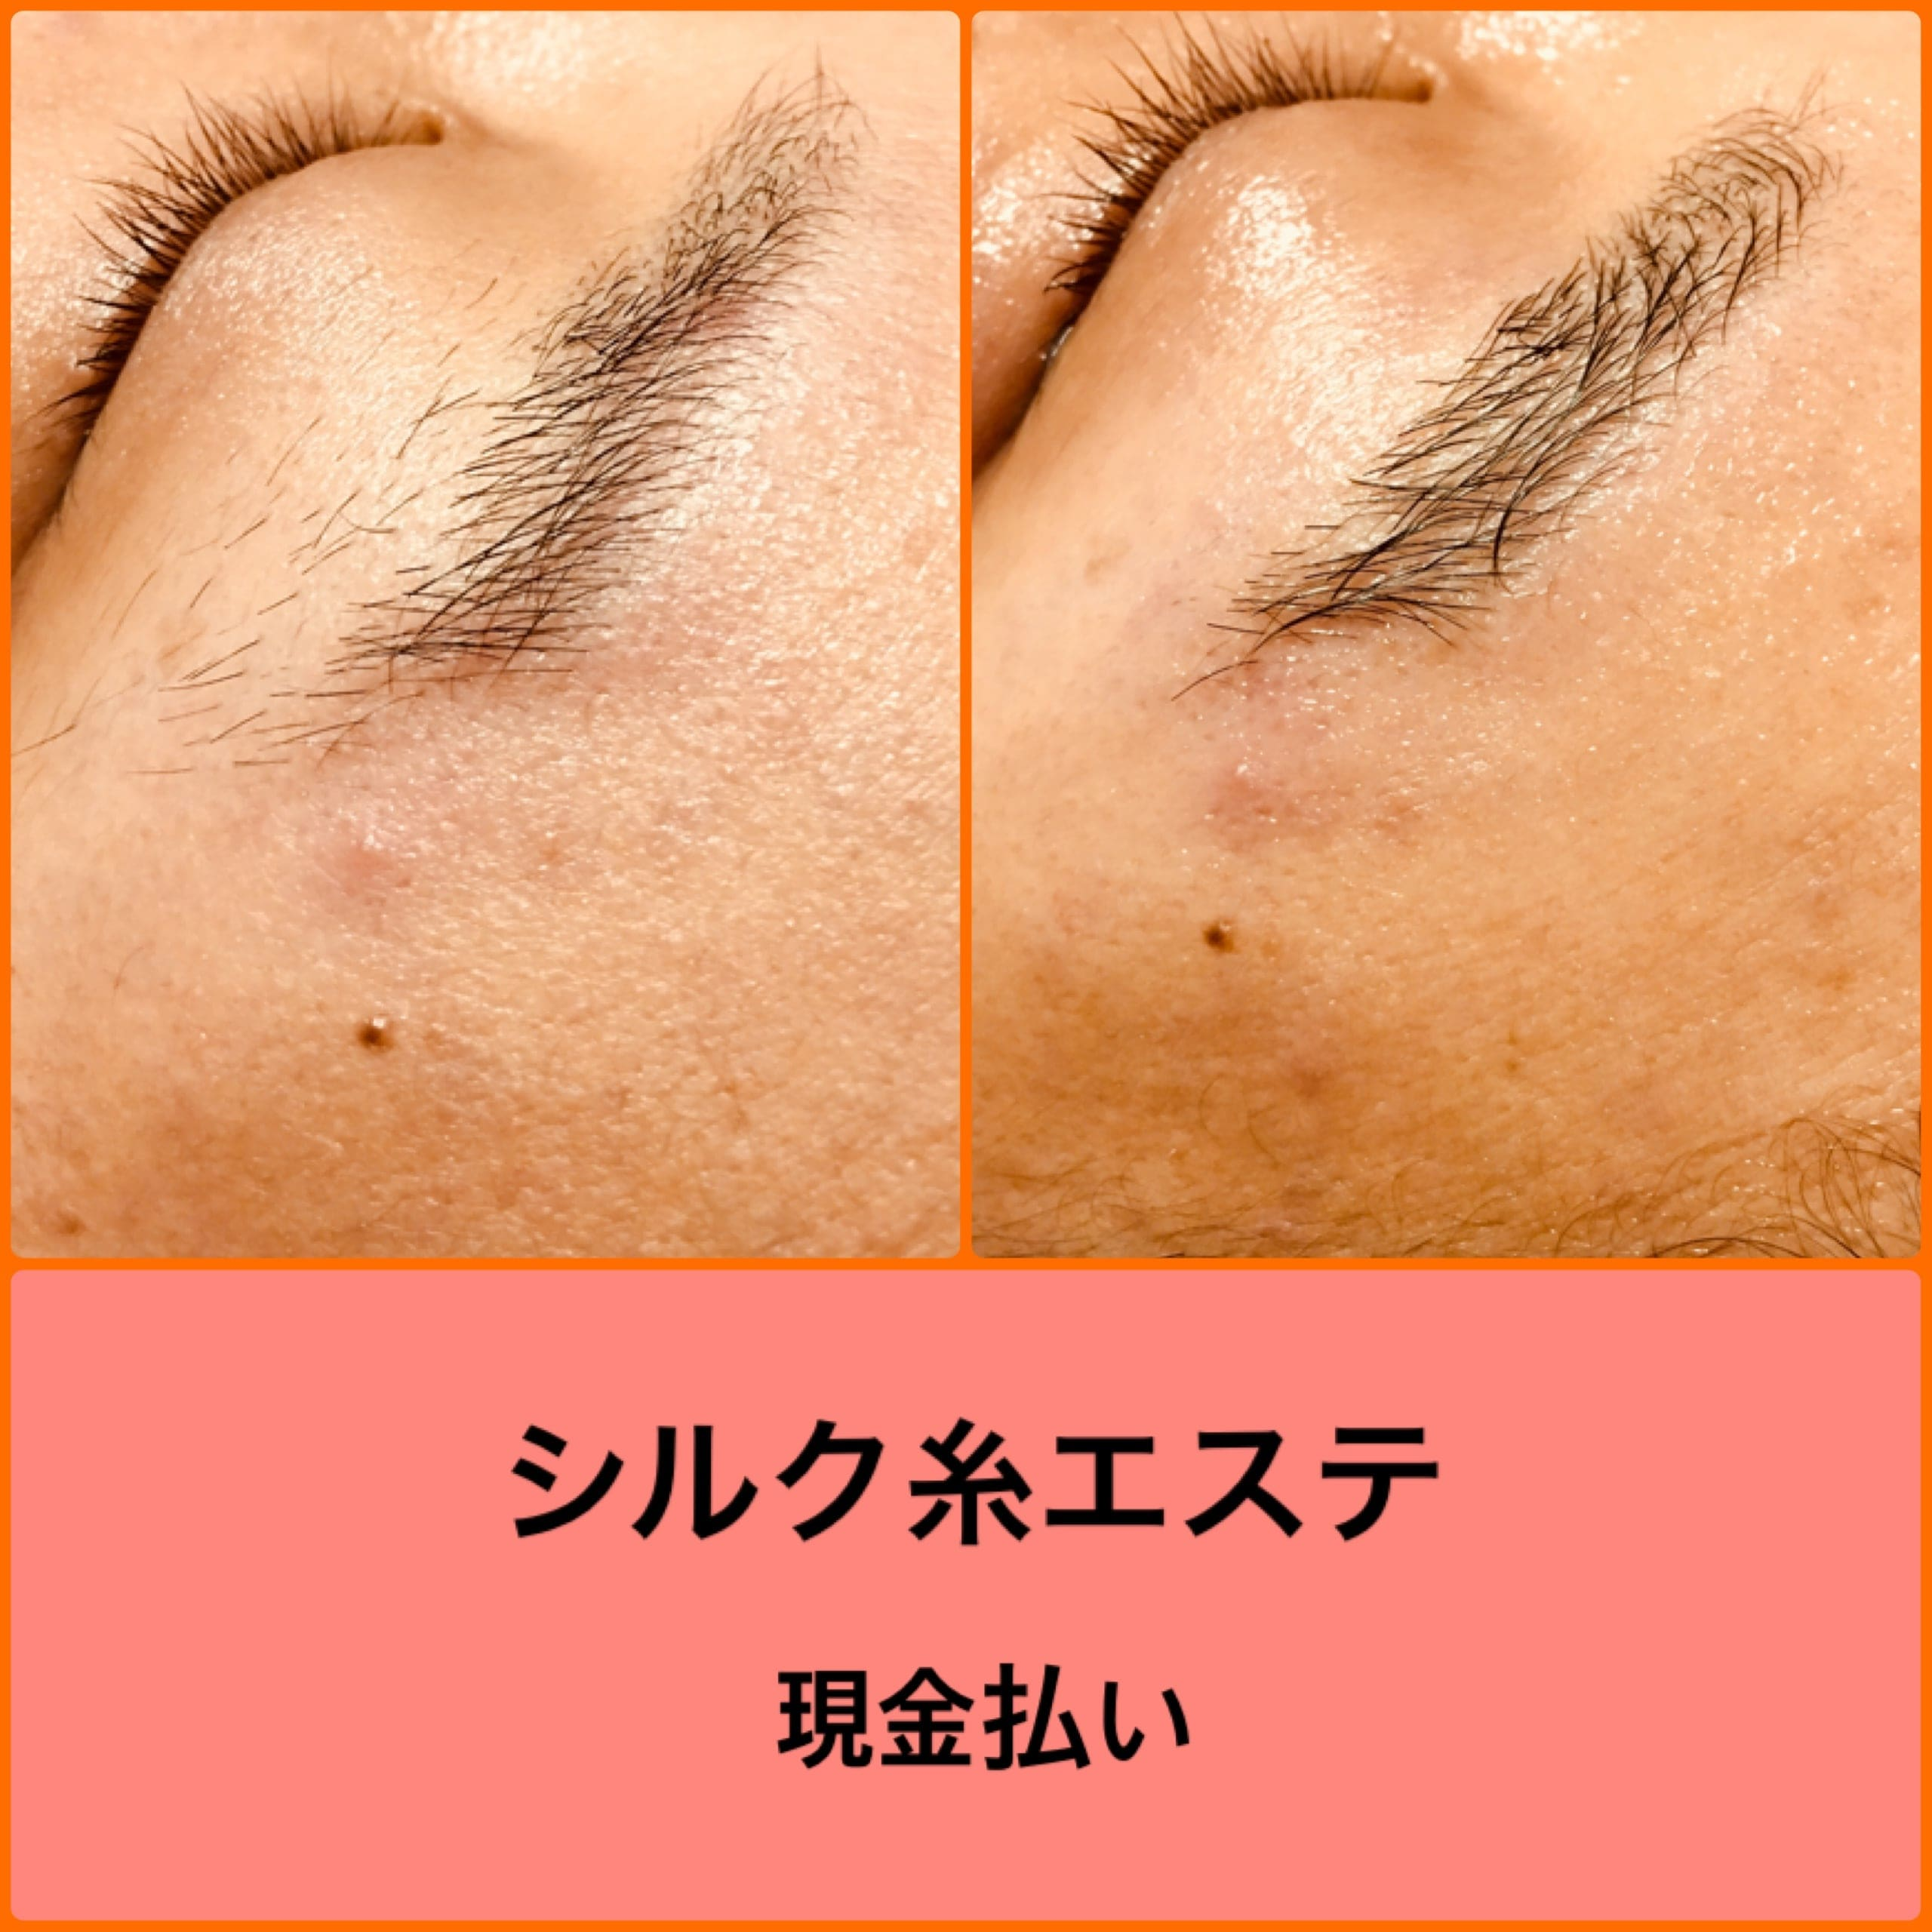 フェイスコース【糸による顔の脱毛】シルク糸エステ のイメージその5